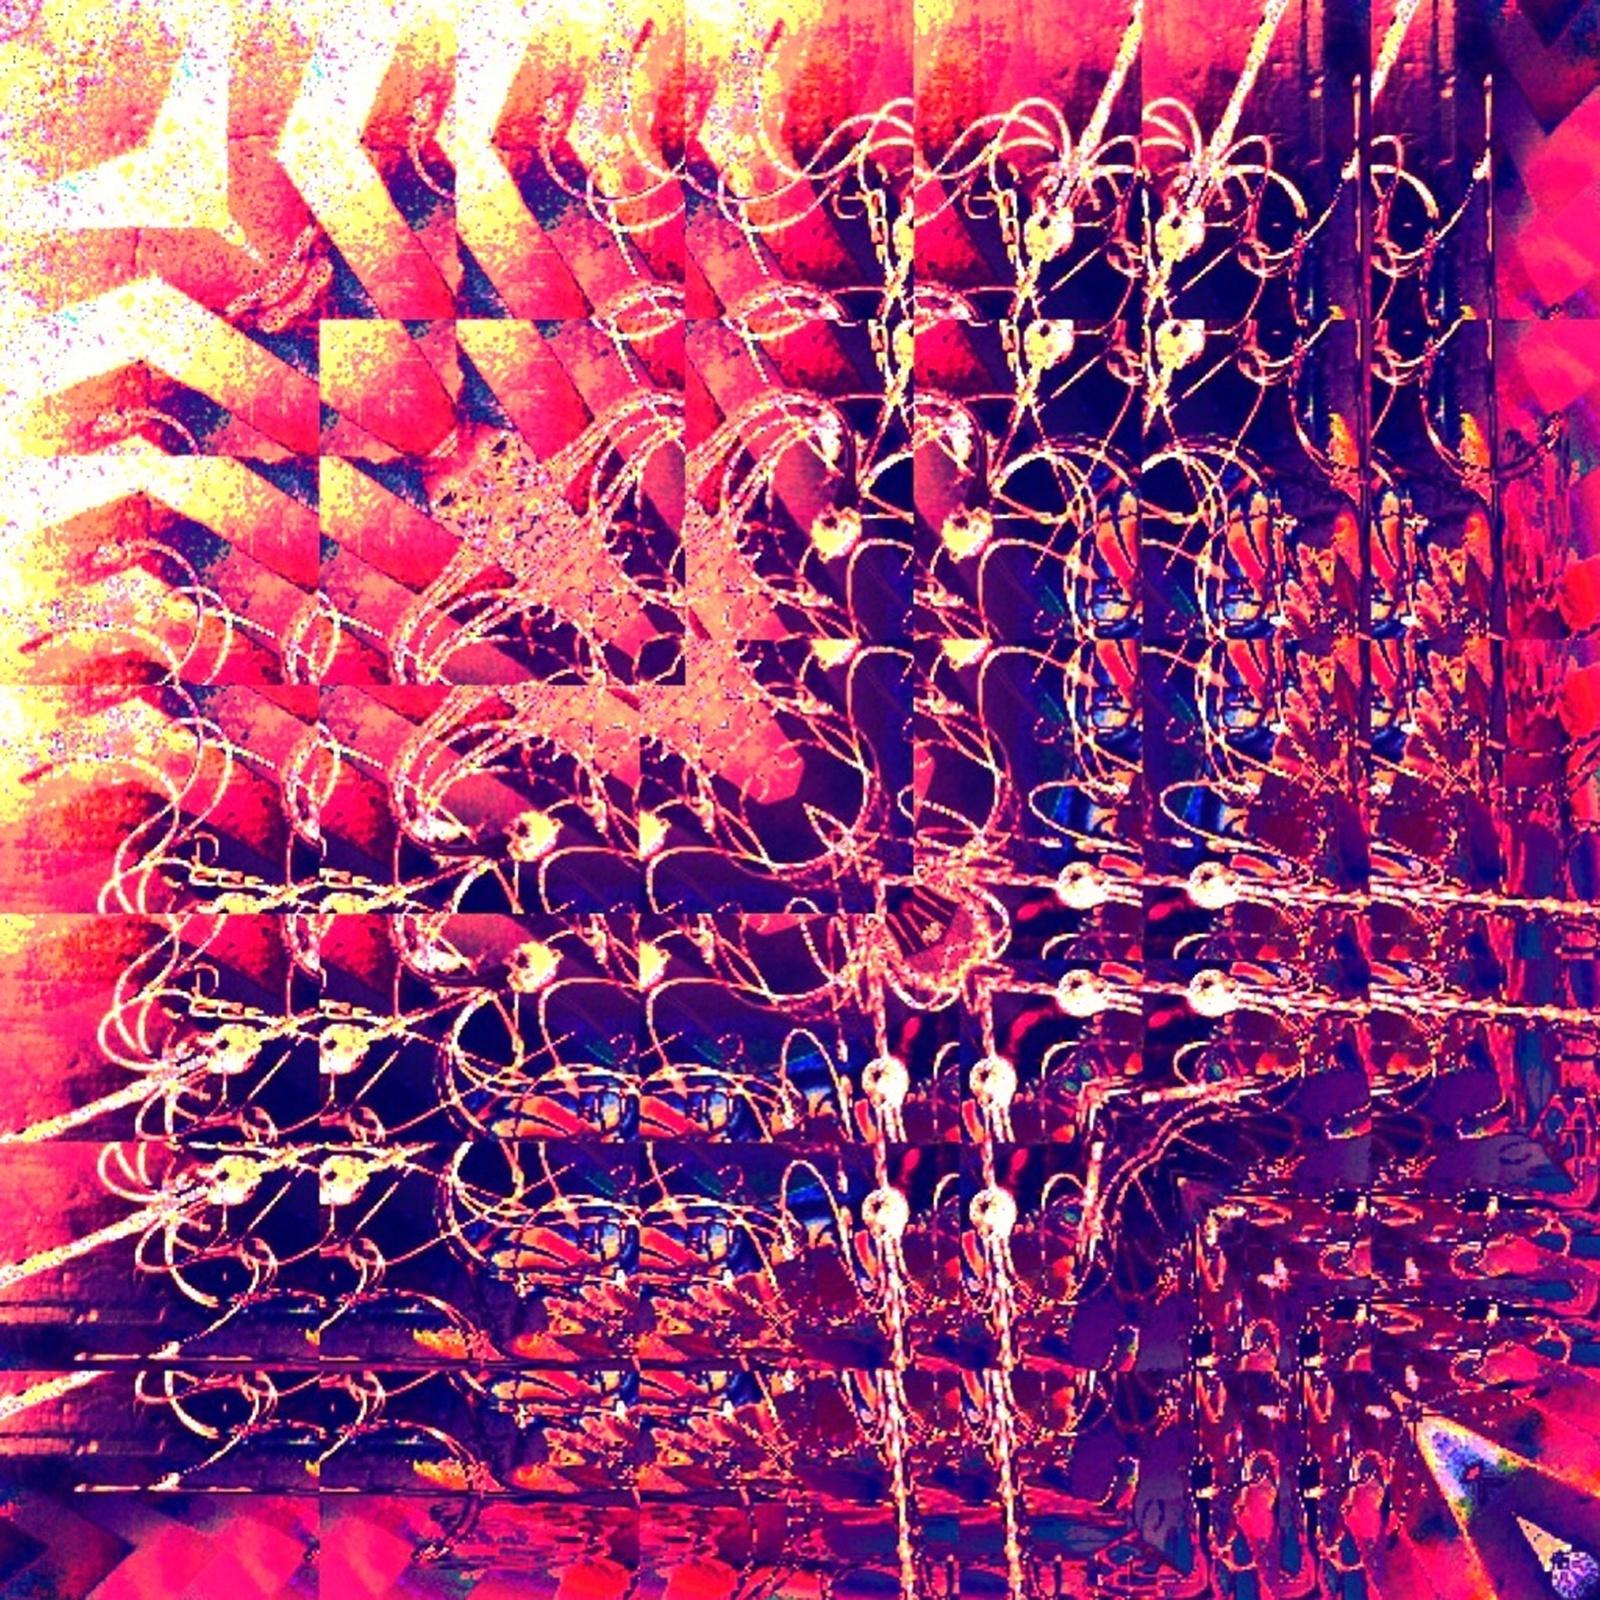 162653-8442677-glitch_no_vacancy_chandelier.jpg